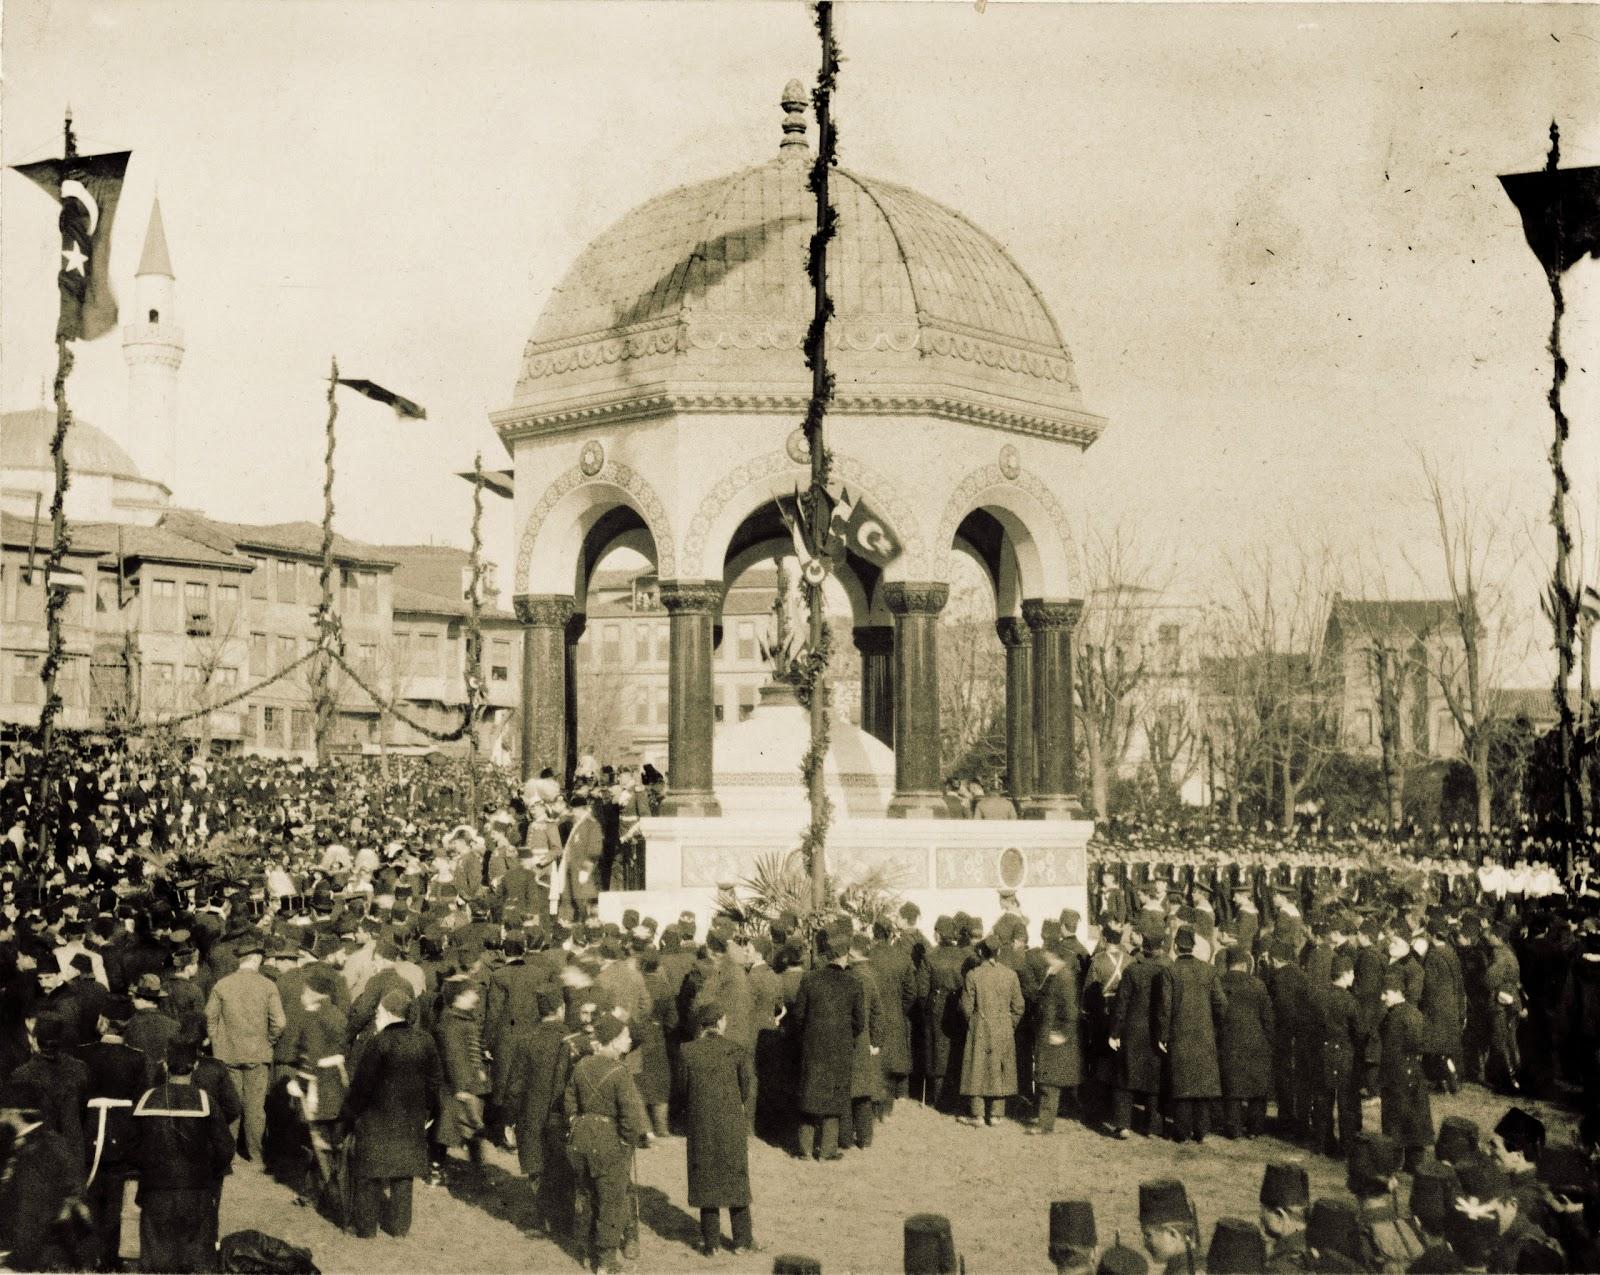 Osmanlı Devleti Türk Alman Dostluğu Geçmişi Perde Arkası Almanya İmpatorluğu Türk Alman Dostluğu Tarihi Pozisyon Analizi